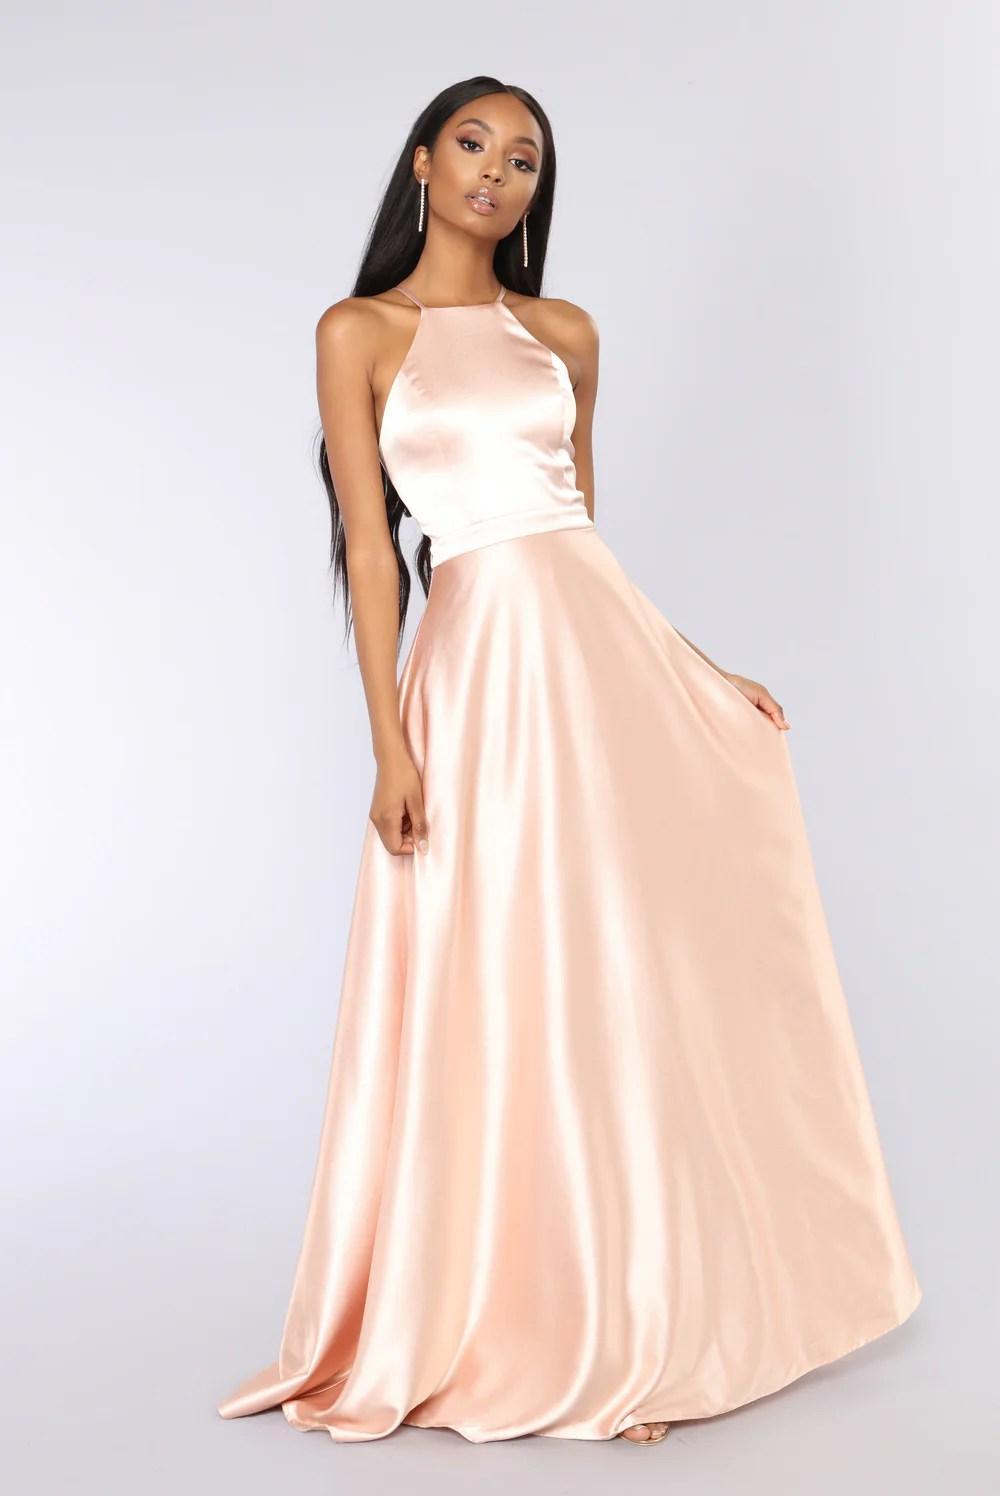 Fascinating Rose Gold Satin Dress